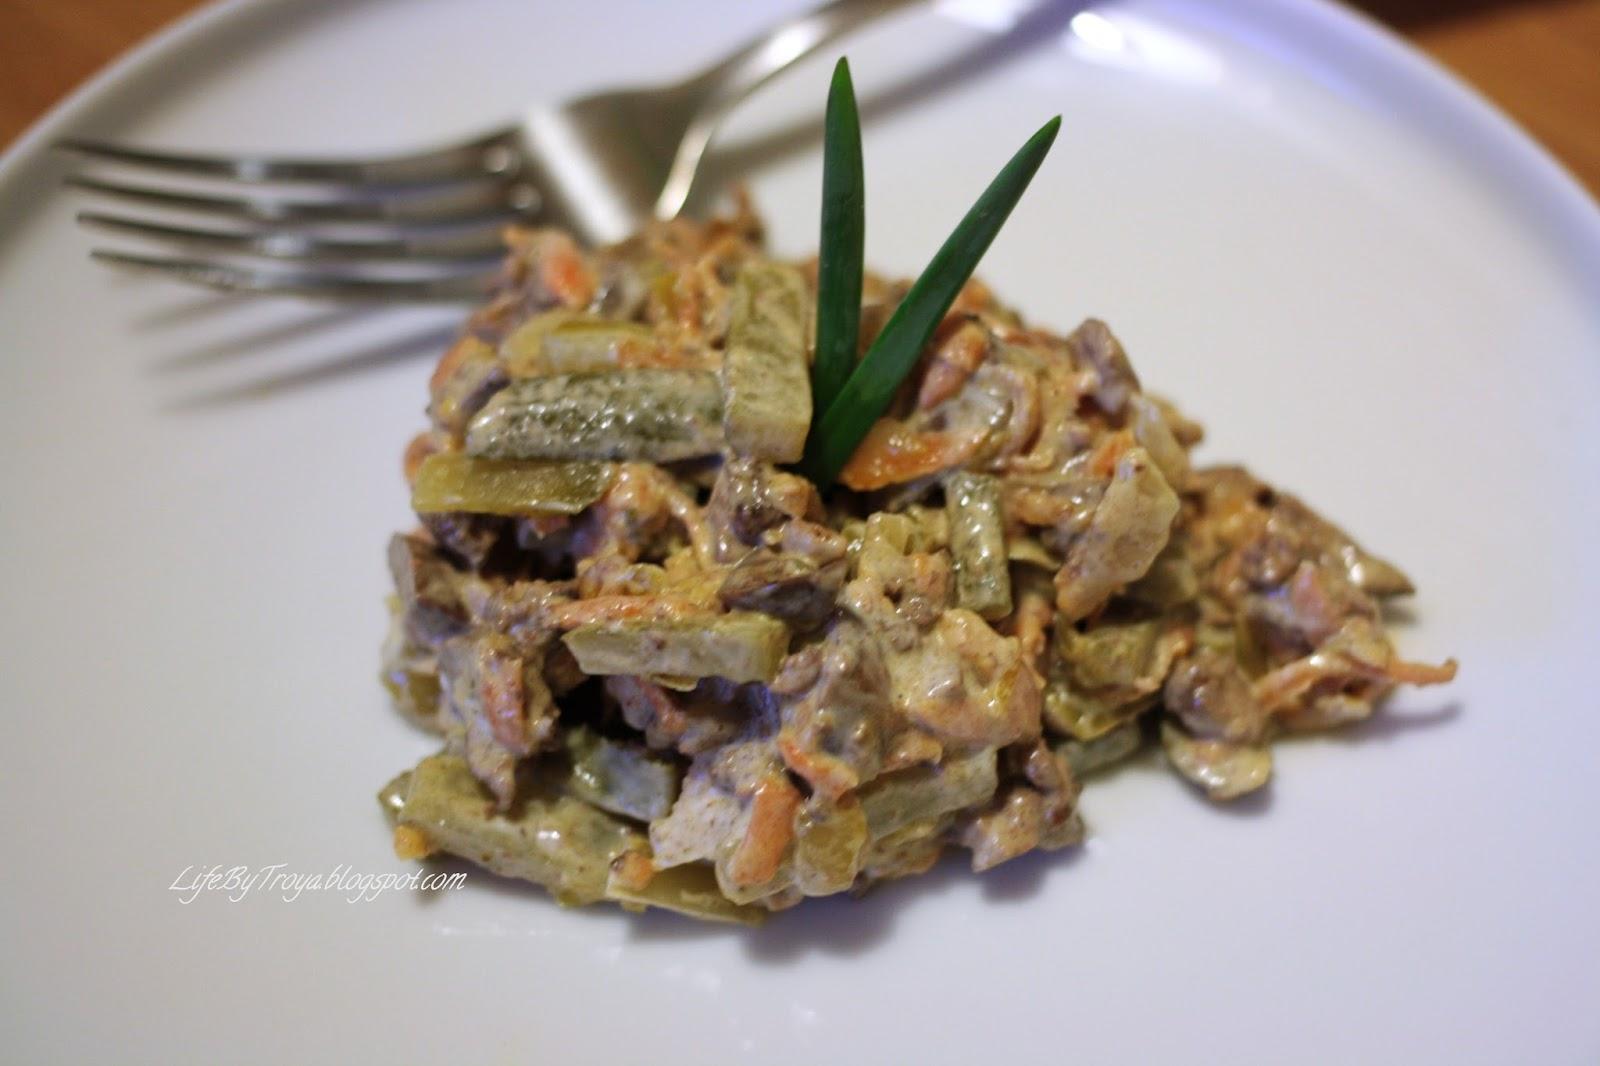 Рецепты свекольного салата, «на все случаи жизни», слоёный с сыром, овощное вкусное блюдо, «сытый гость», «новогодние часы», с морковью по-корейски, из куриных субпродуктов.